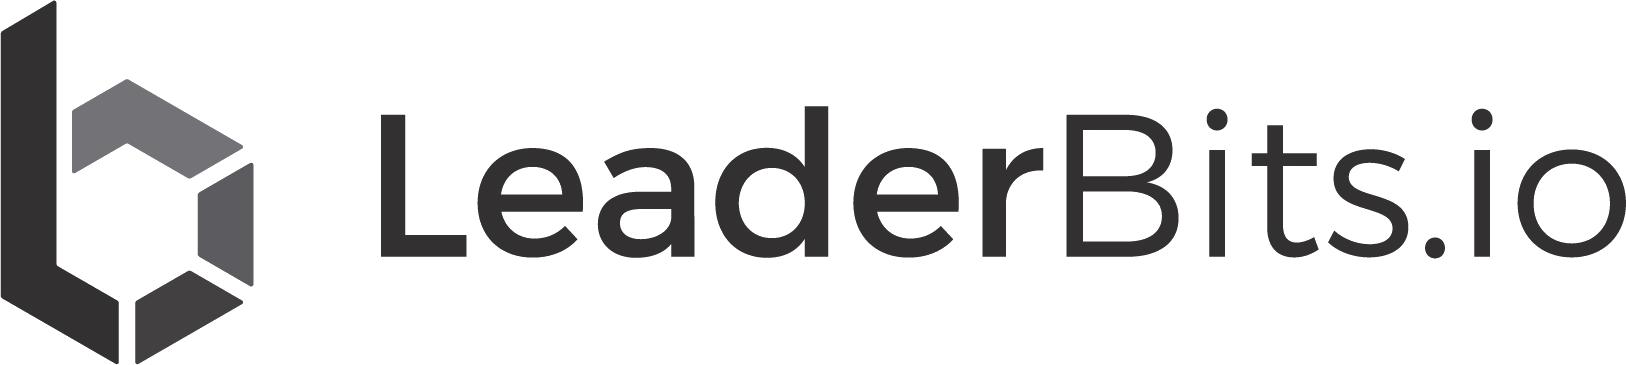 LeaderBits.io